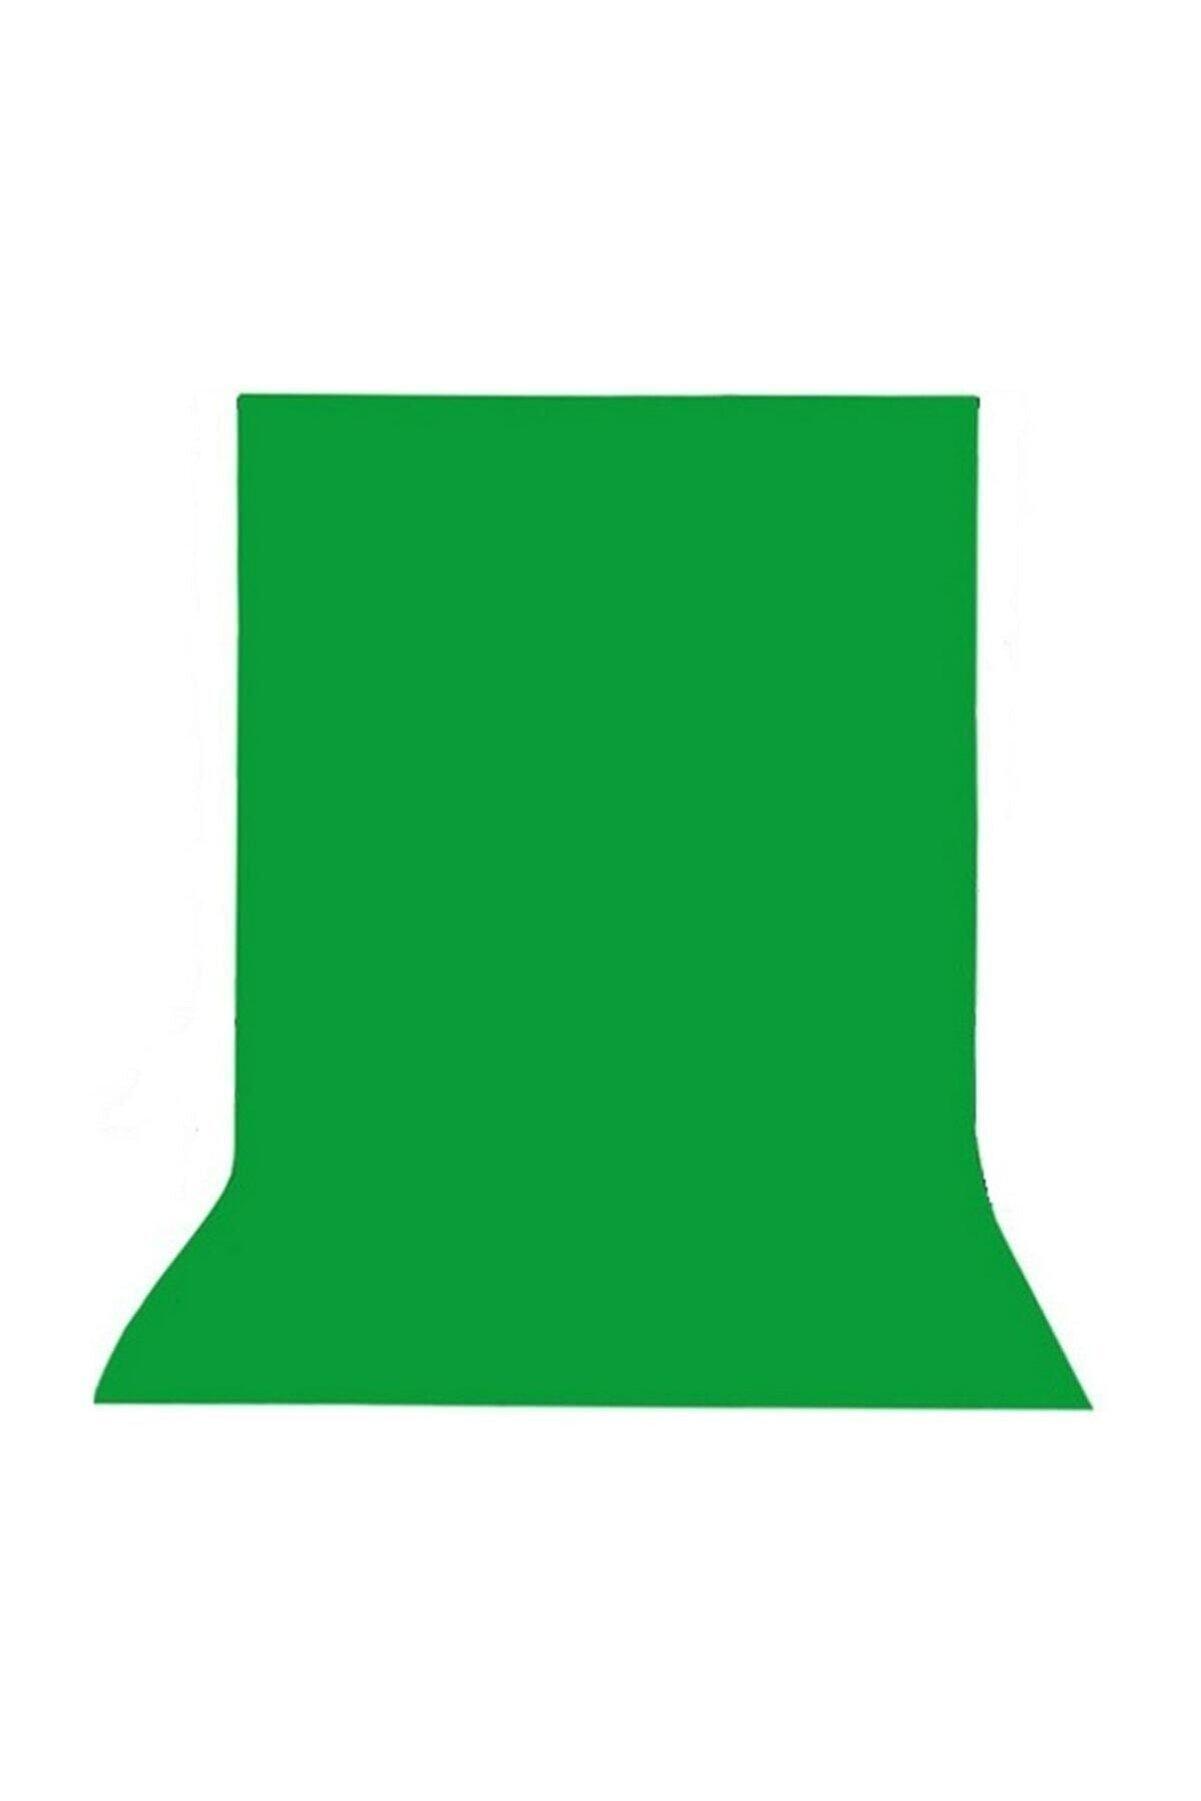 ADA GREENBOX 1.5x2 m Chromakey-Green Screen- Greenbox Yeşil Fon Perde